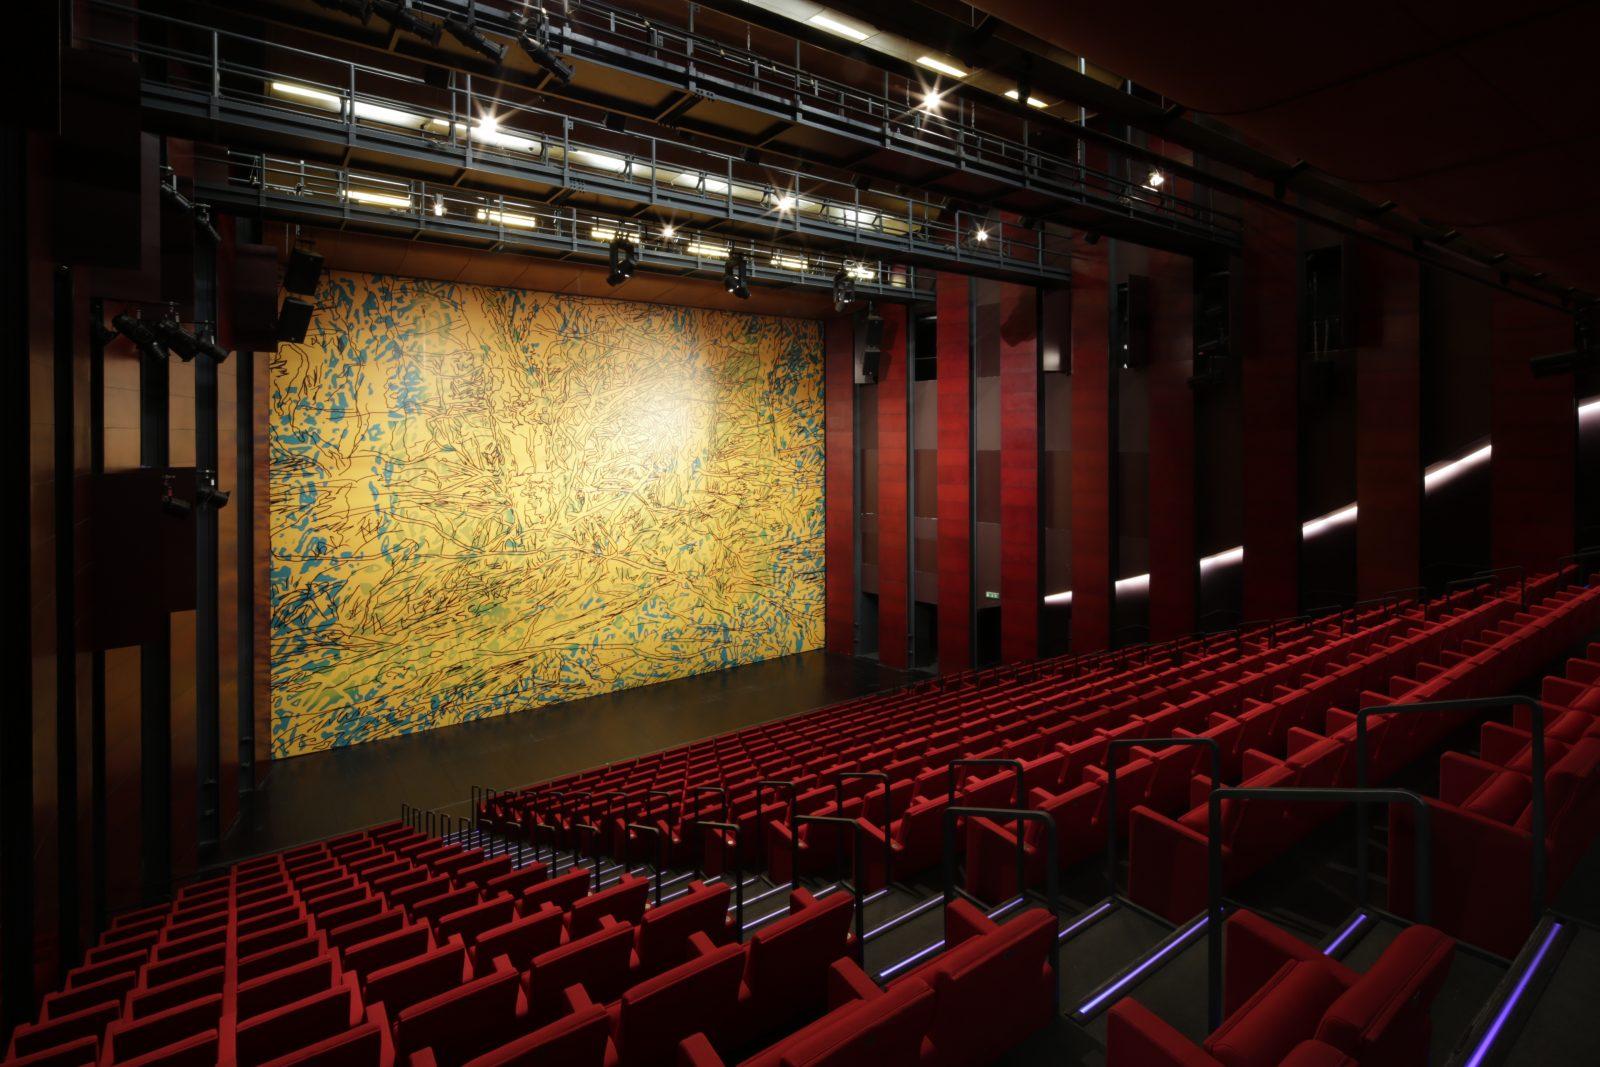 Parceiro gerador Teatro Municipal Joaquim Benite